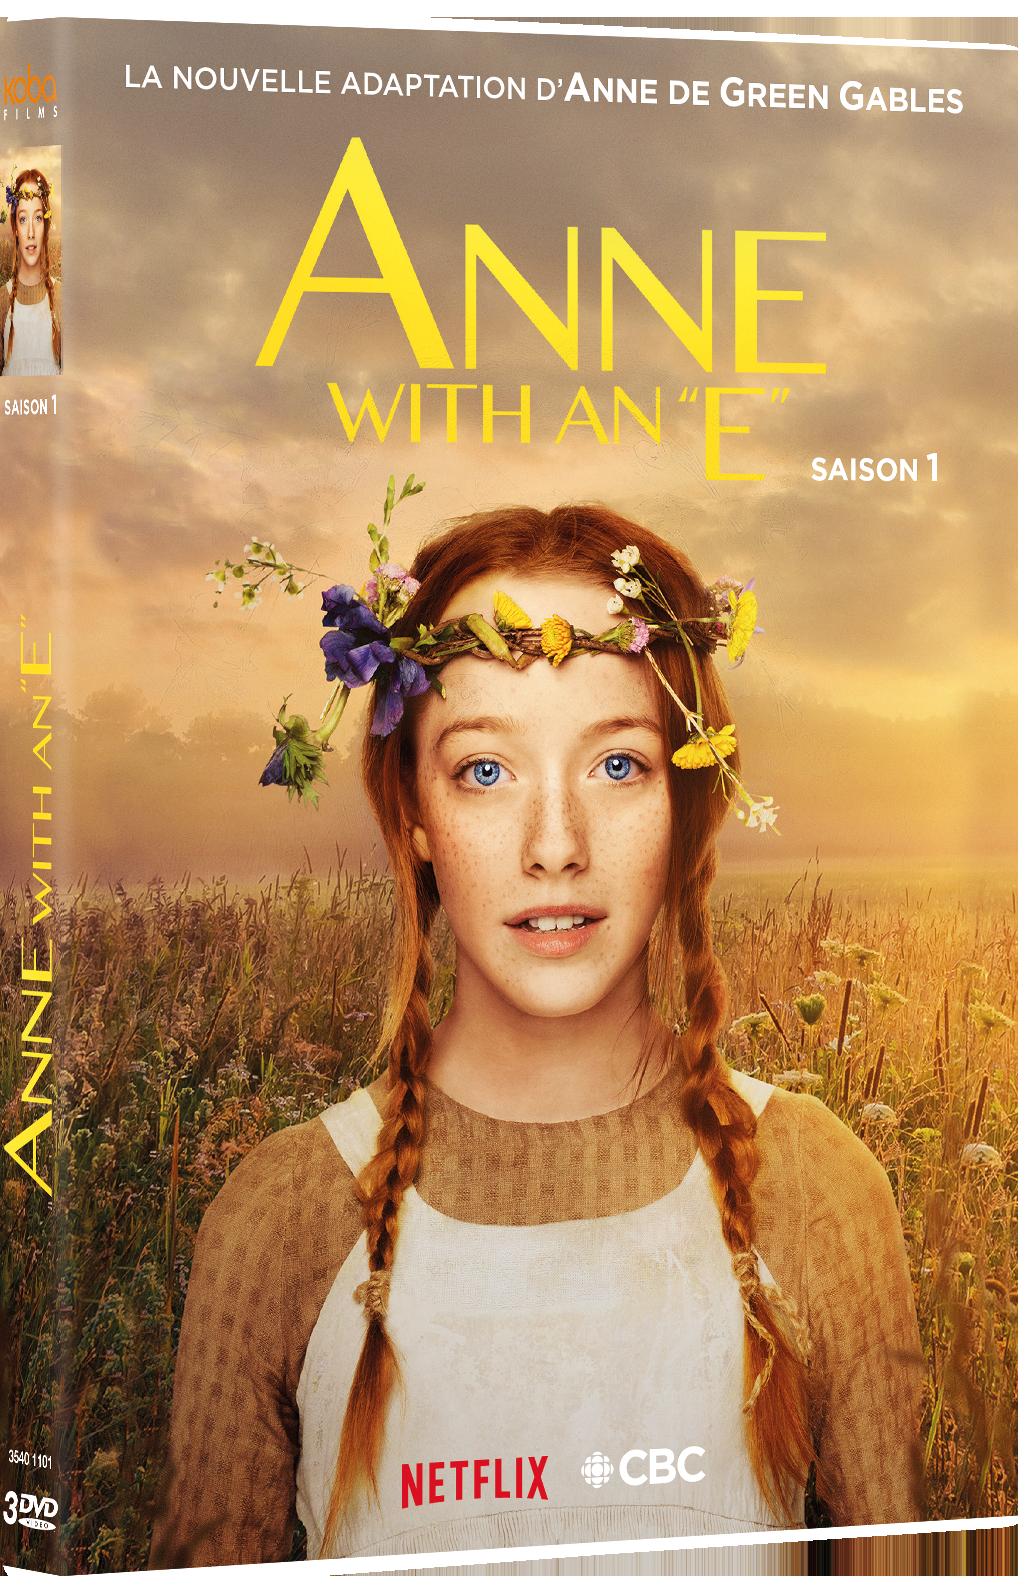 """ANNE WITH AN """"E"""" - SAISON 1"""